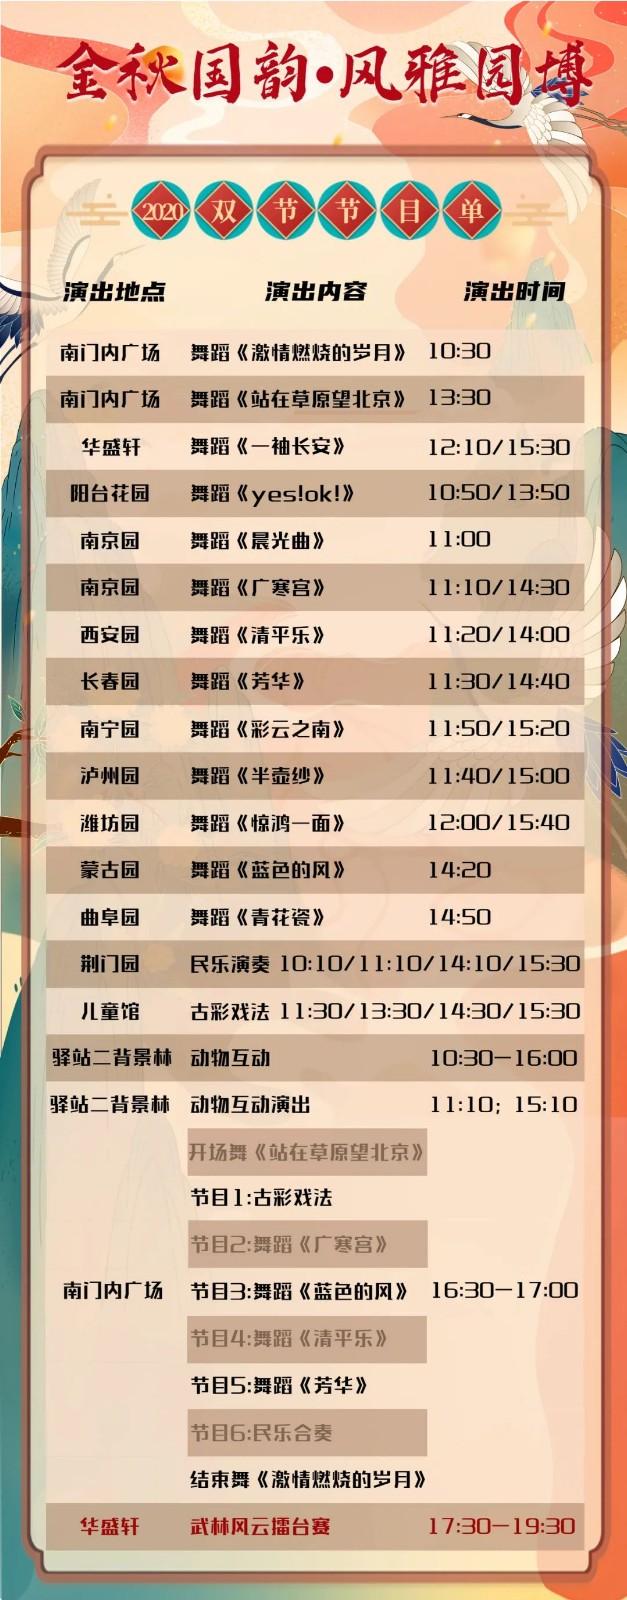 郑州园博园2020双节(国庆节、中秋节)活动